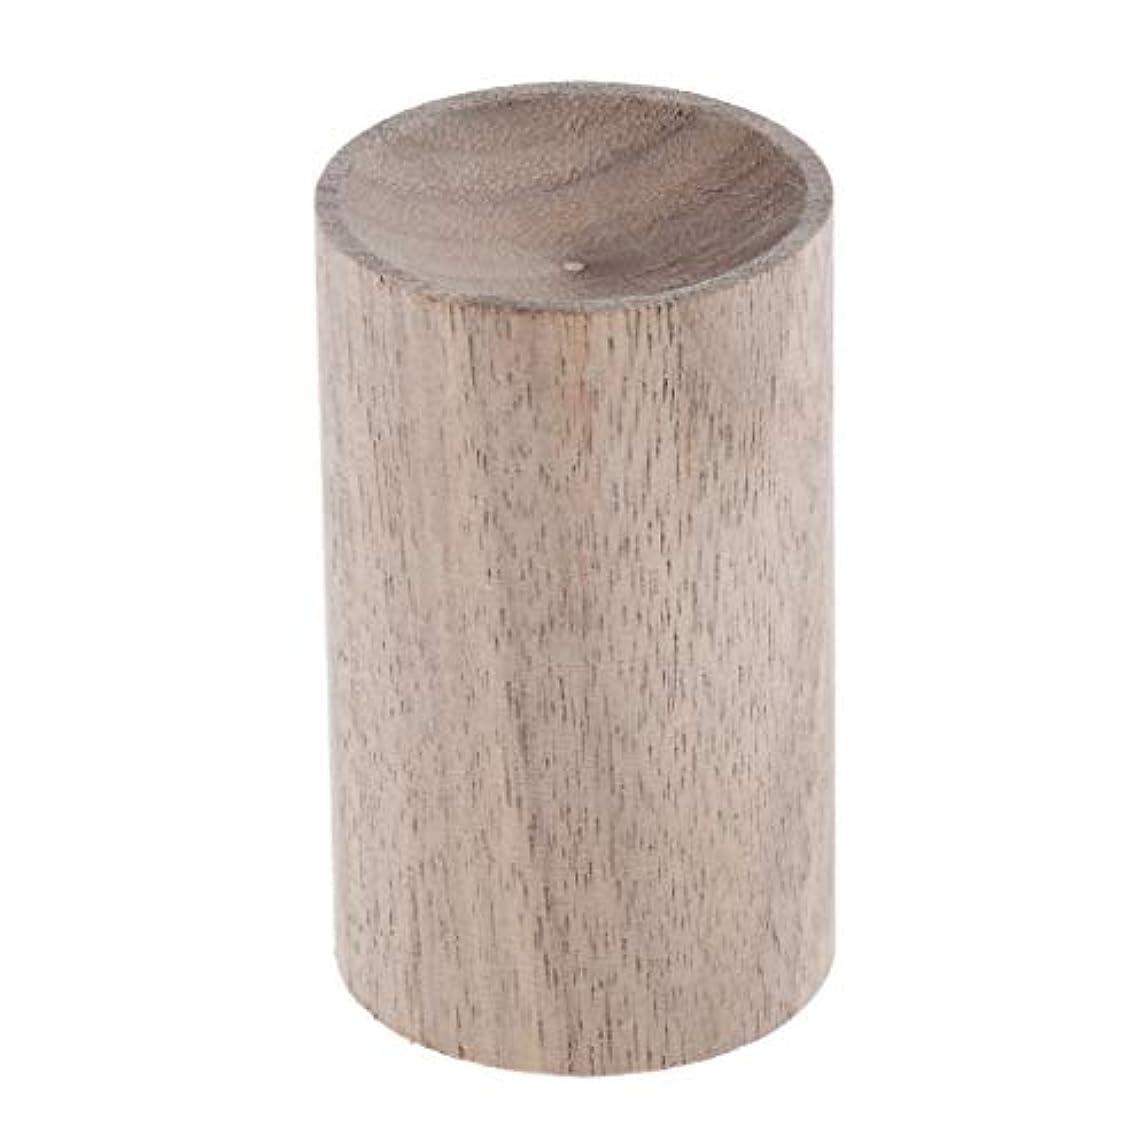 嘆く返済ジェムD DOLITY 天然木 ハンドメイド 手作り 空気清浄 エッセンシャルオイル 香水 アロマディフューザー 2種選ぶ - 02, 3.2cm